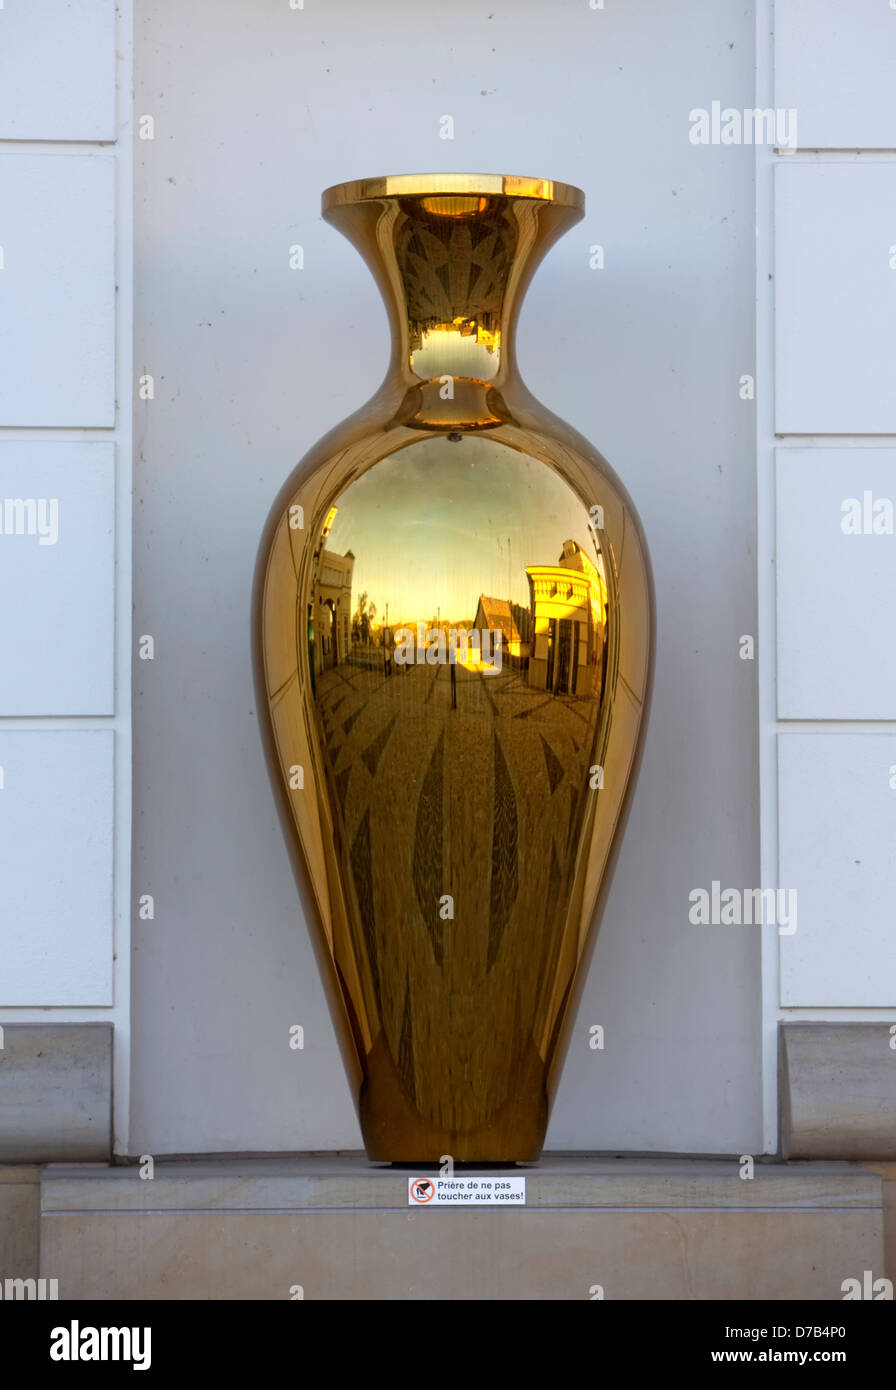 Dans un vase d'or, le palais de justice de Cité judiciaire, Ville de Luxembourg, Luxembourg, Europe Banque D'Images